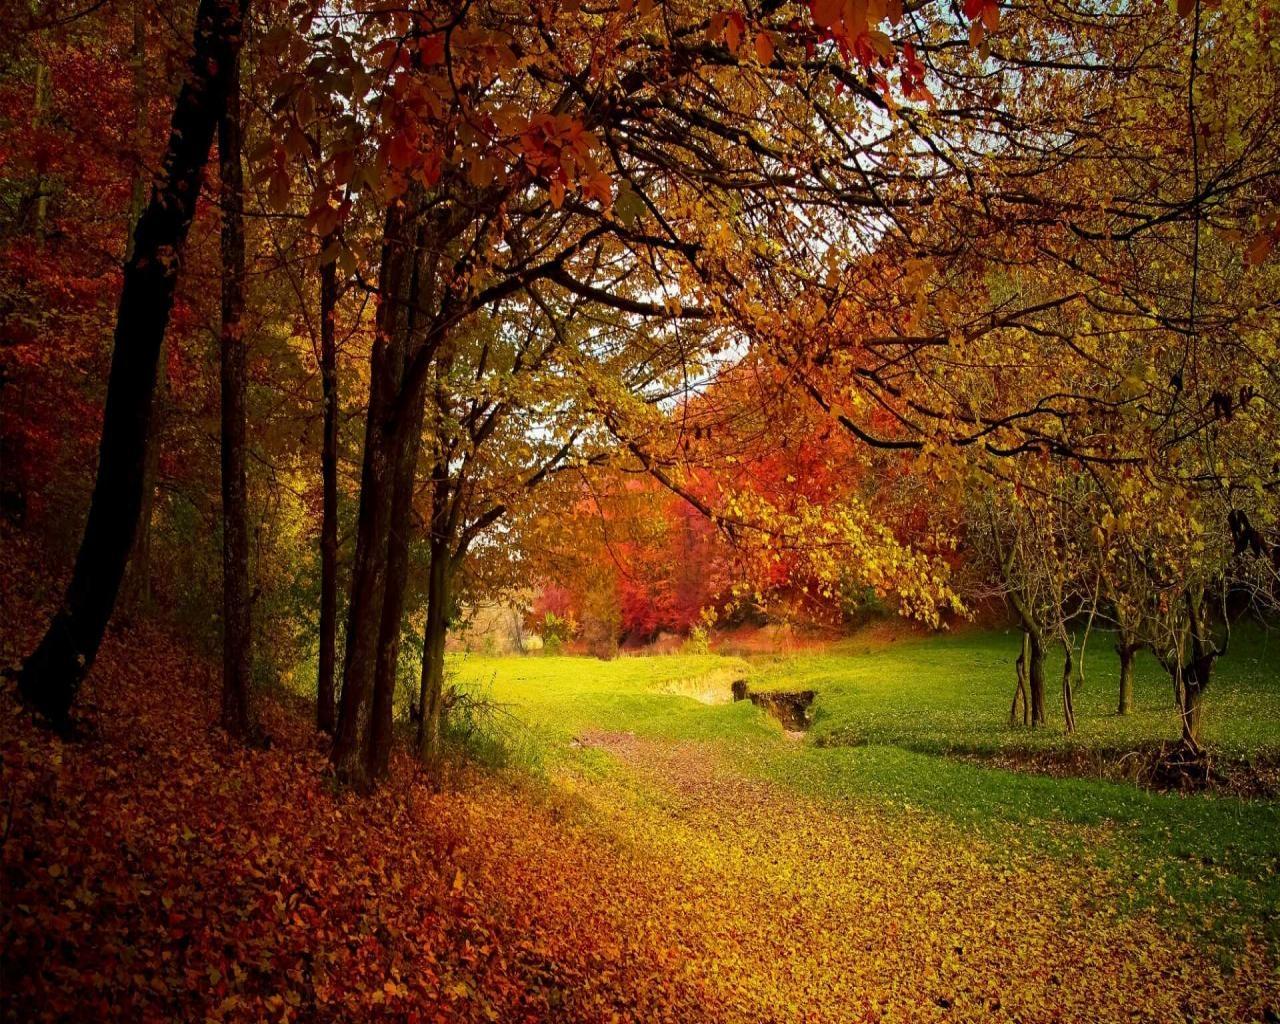 Осенний лес фото на рабочий стол007